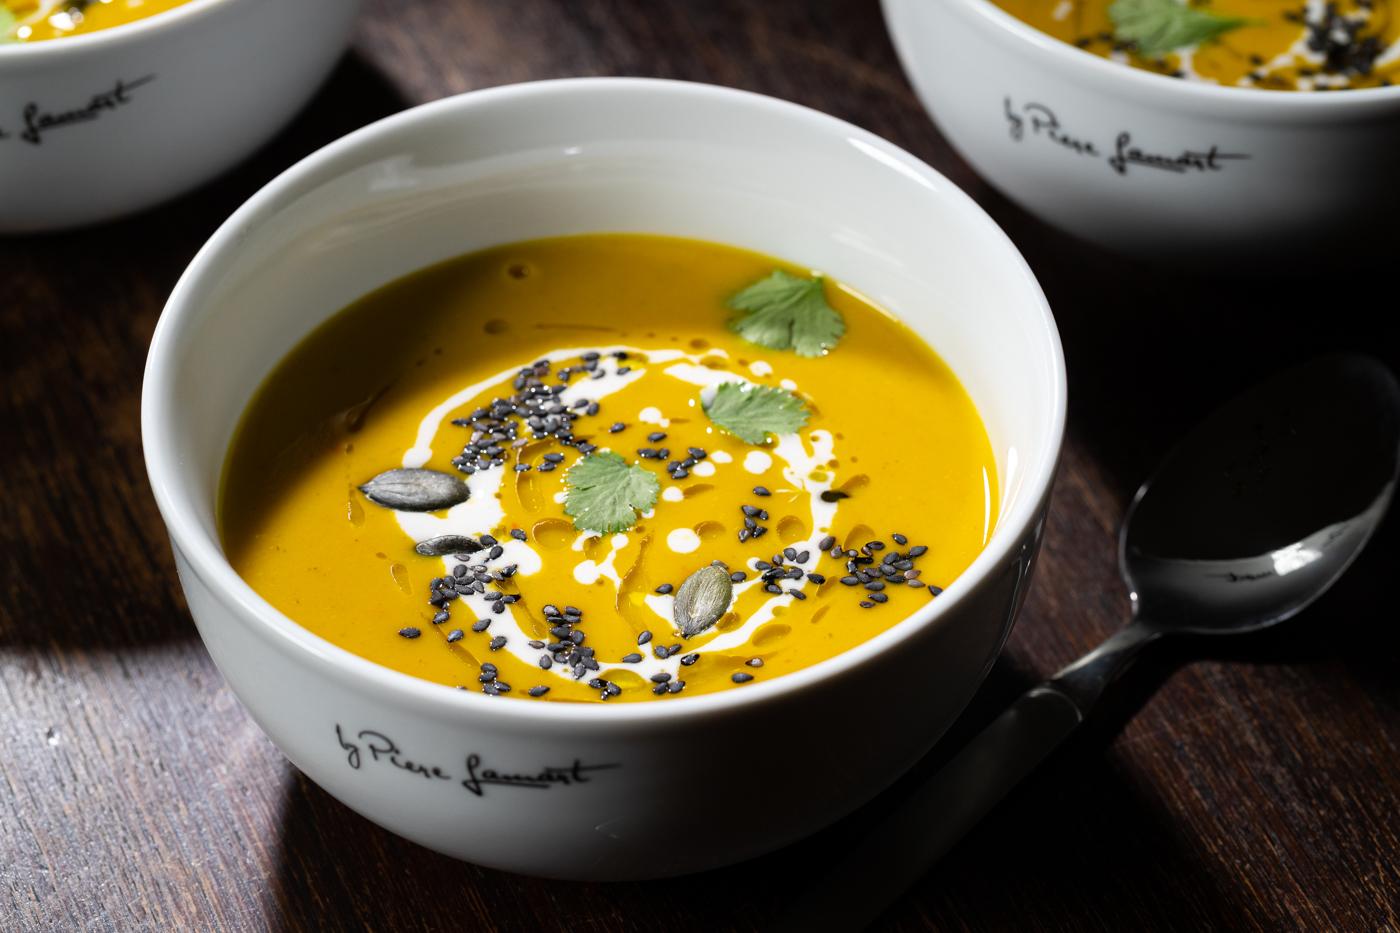 Pumpkin Soup With Lemon Grass And Coriander